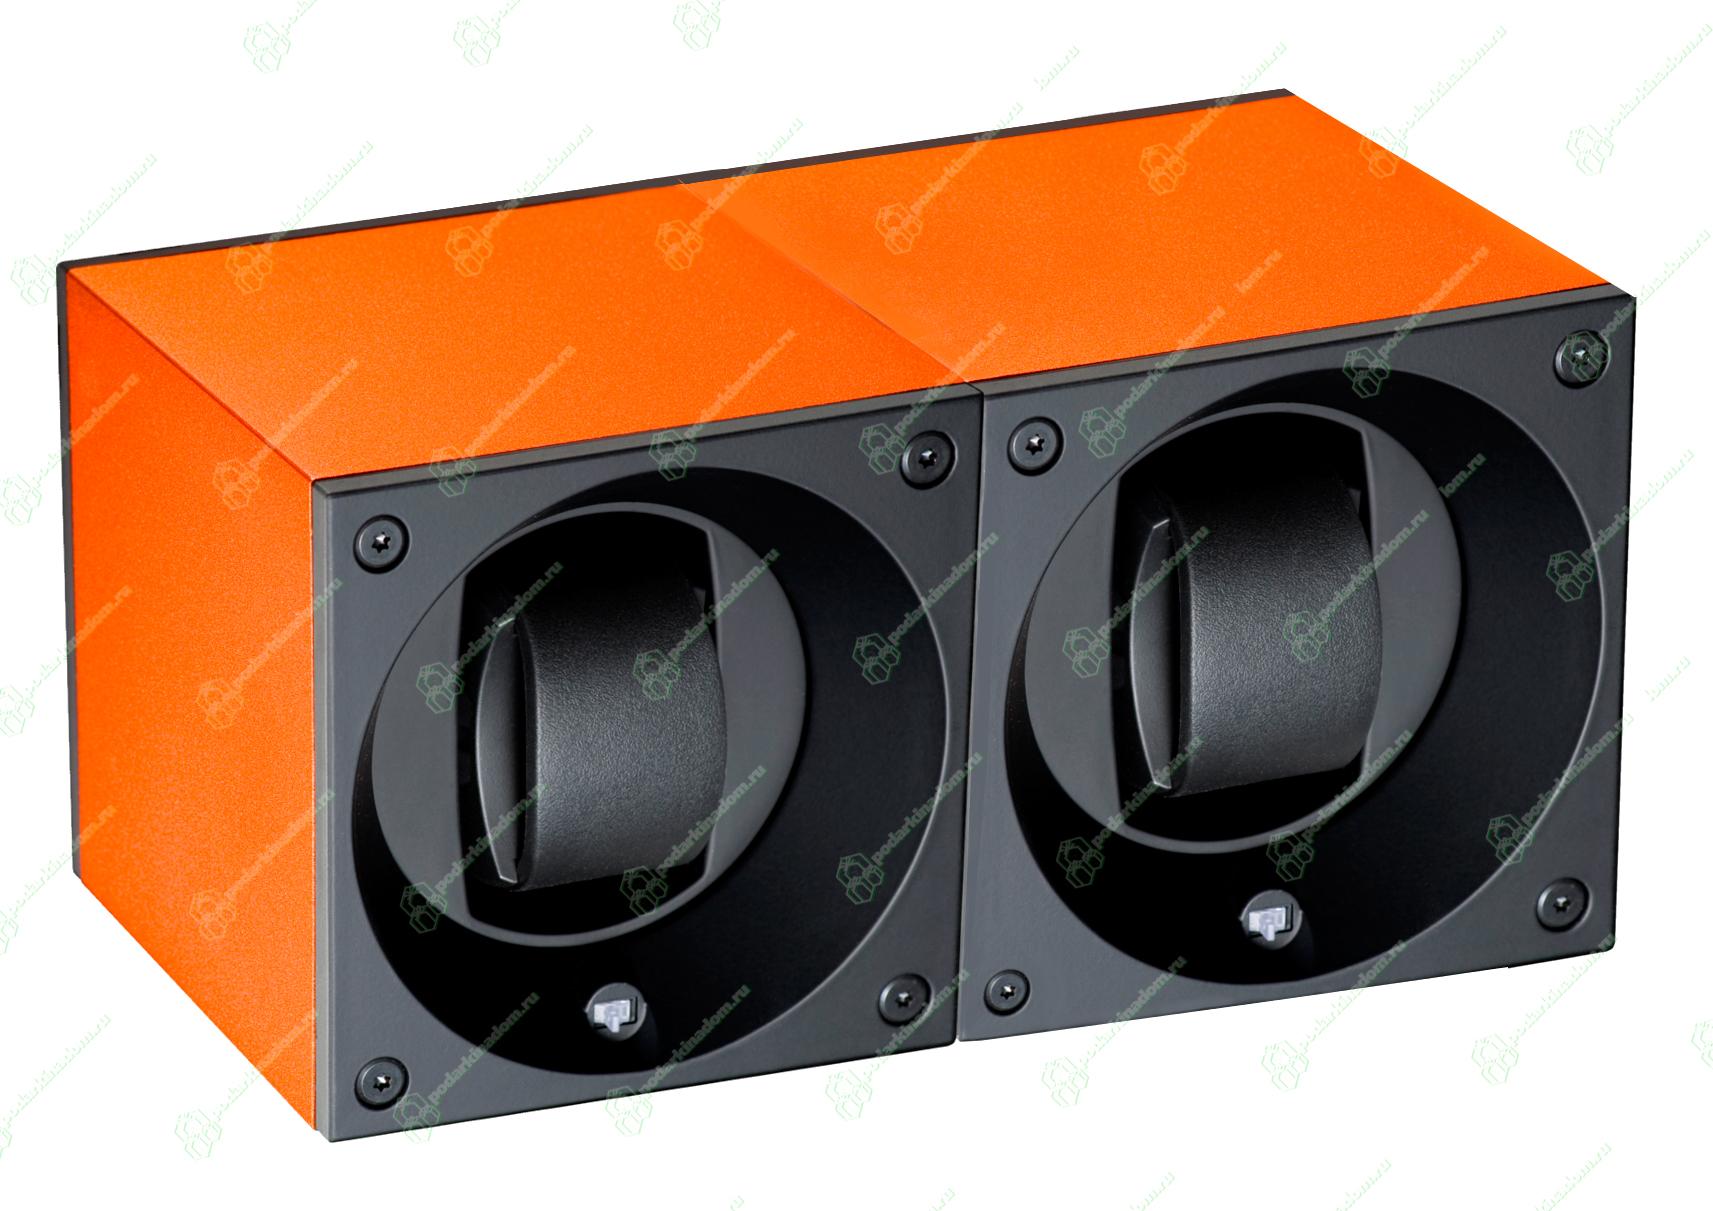 Swiss Kubik SK02.AE010 Шкатулка для наручных механических часов с автоподзаводом. Отделка алюминий. Питание от батареек. Различные программы завода.